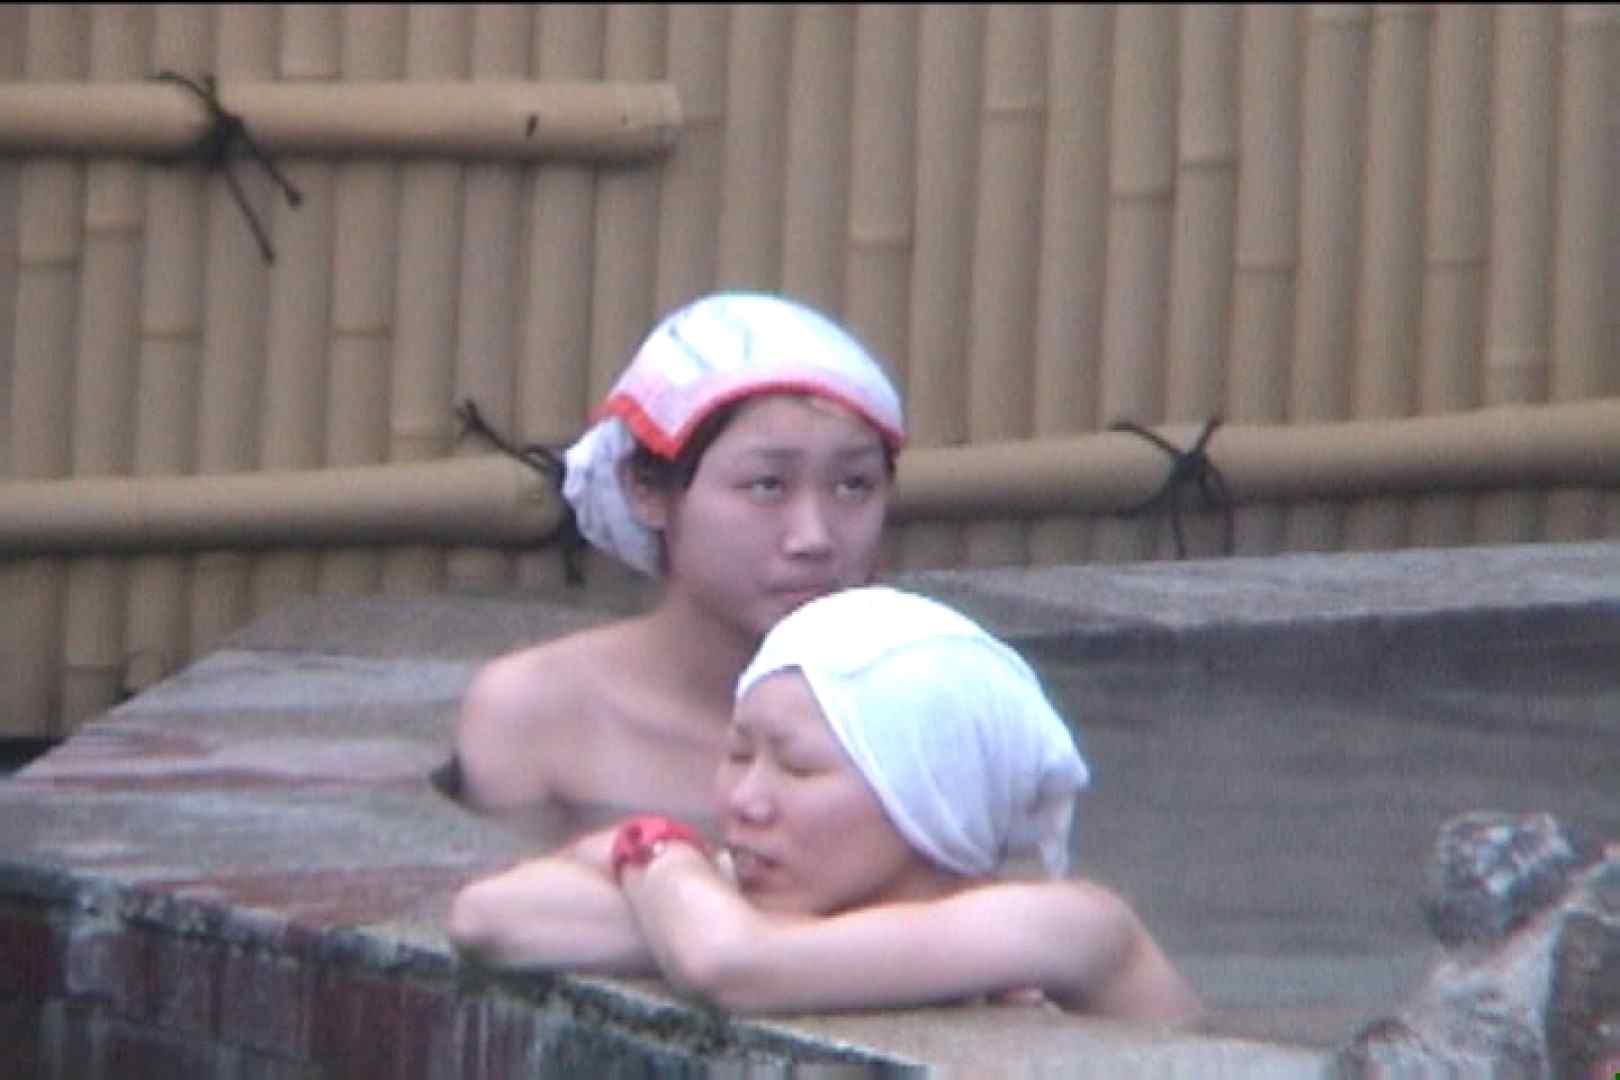 Aquaな露天風呂Vol.91【VIP限定】 露天 | 盗撮  109枚 43